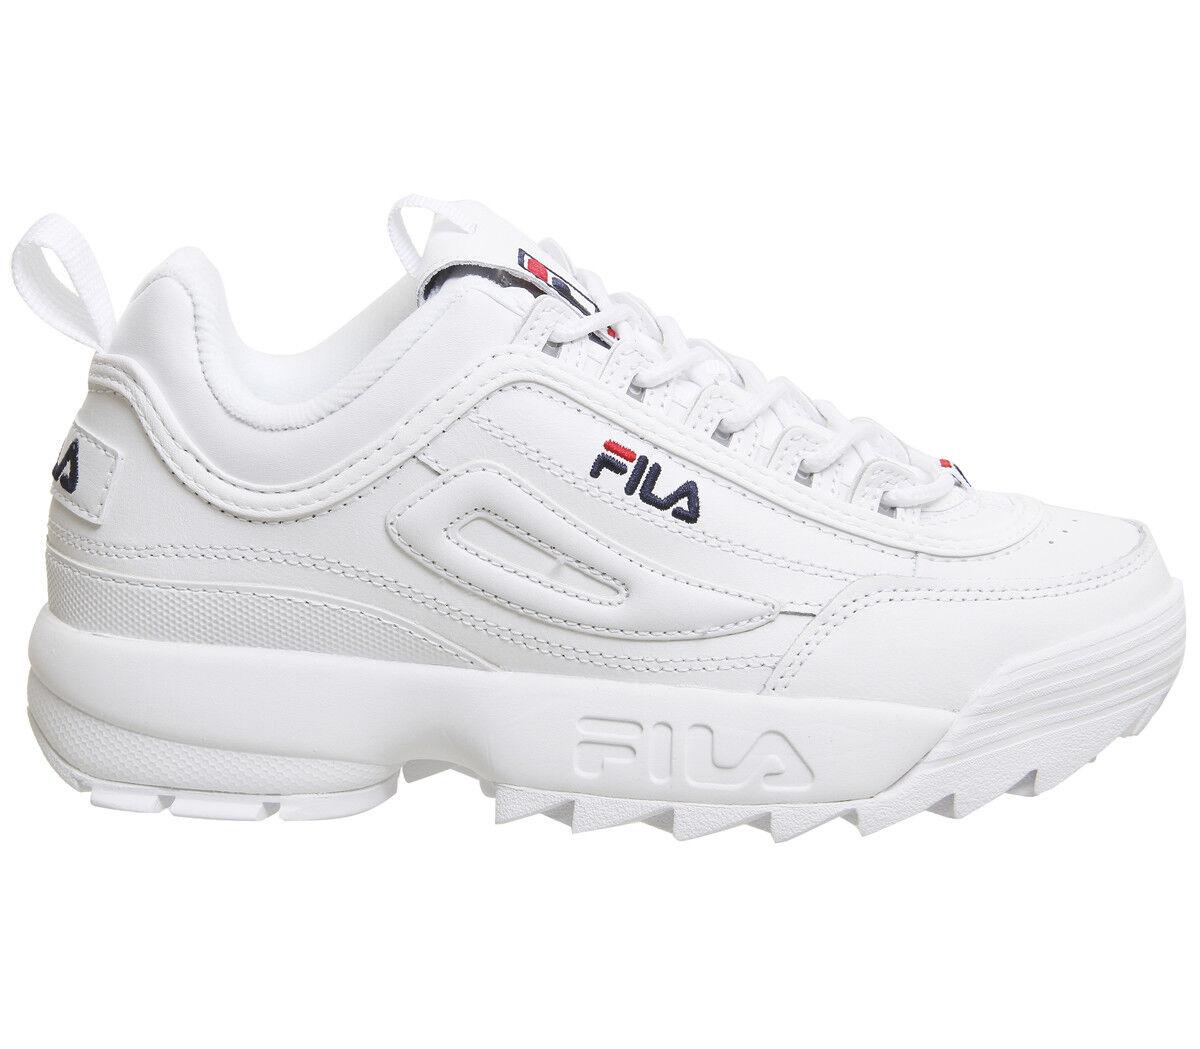 72944da67aa842 2019 Fila Disruptor sneakers basse uomo donna 2 generazioni 5 5 di 6 ...